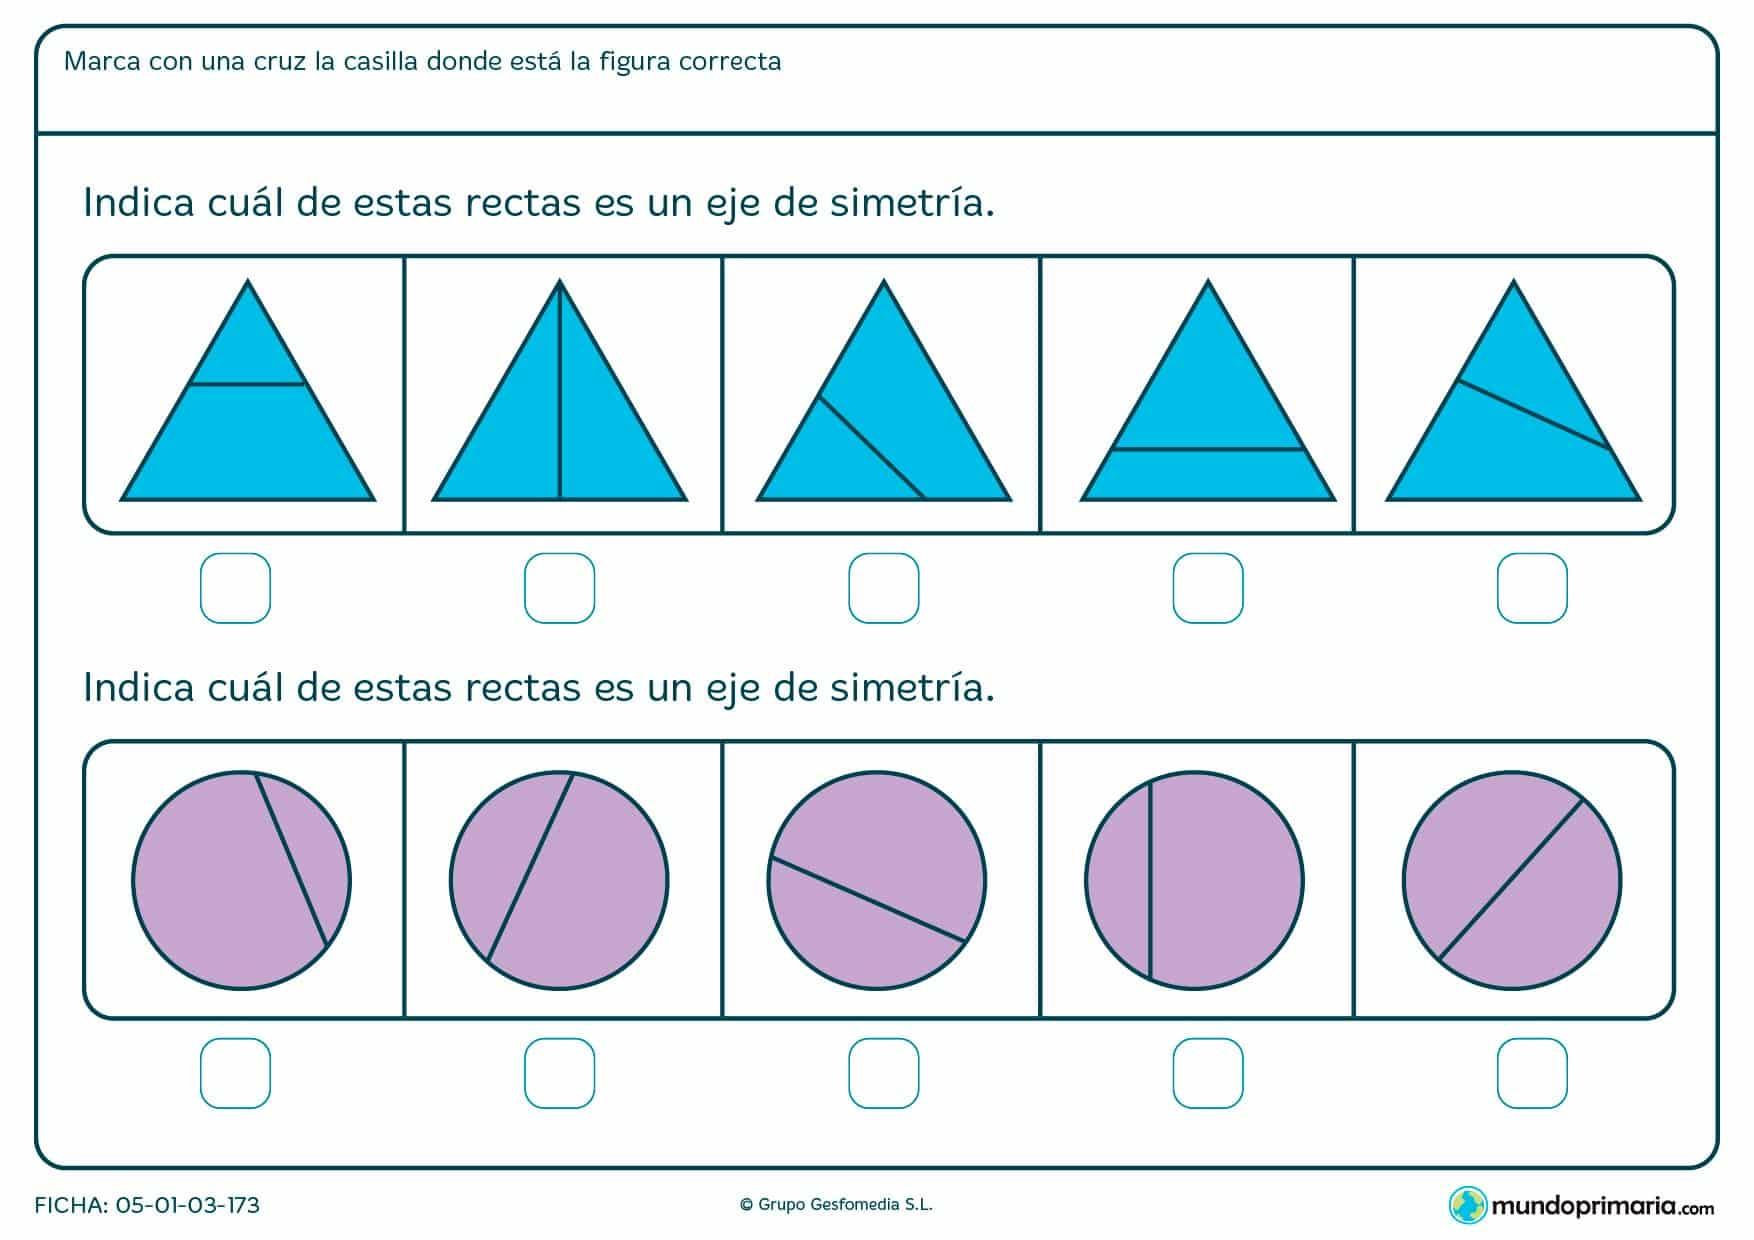 Ficha de eje de simetría en triángulos y círculos para marcar cuál de ellos es eje de simetría.